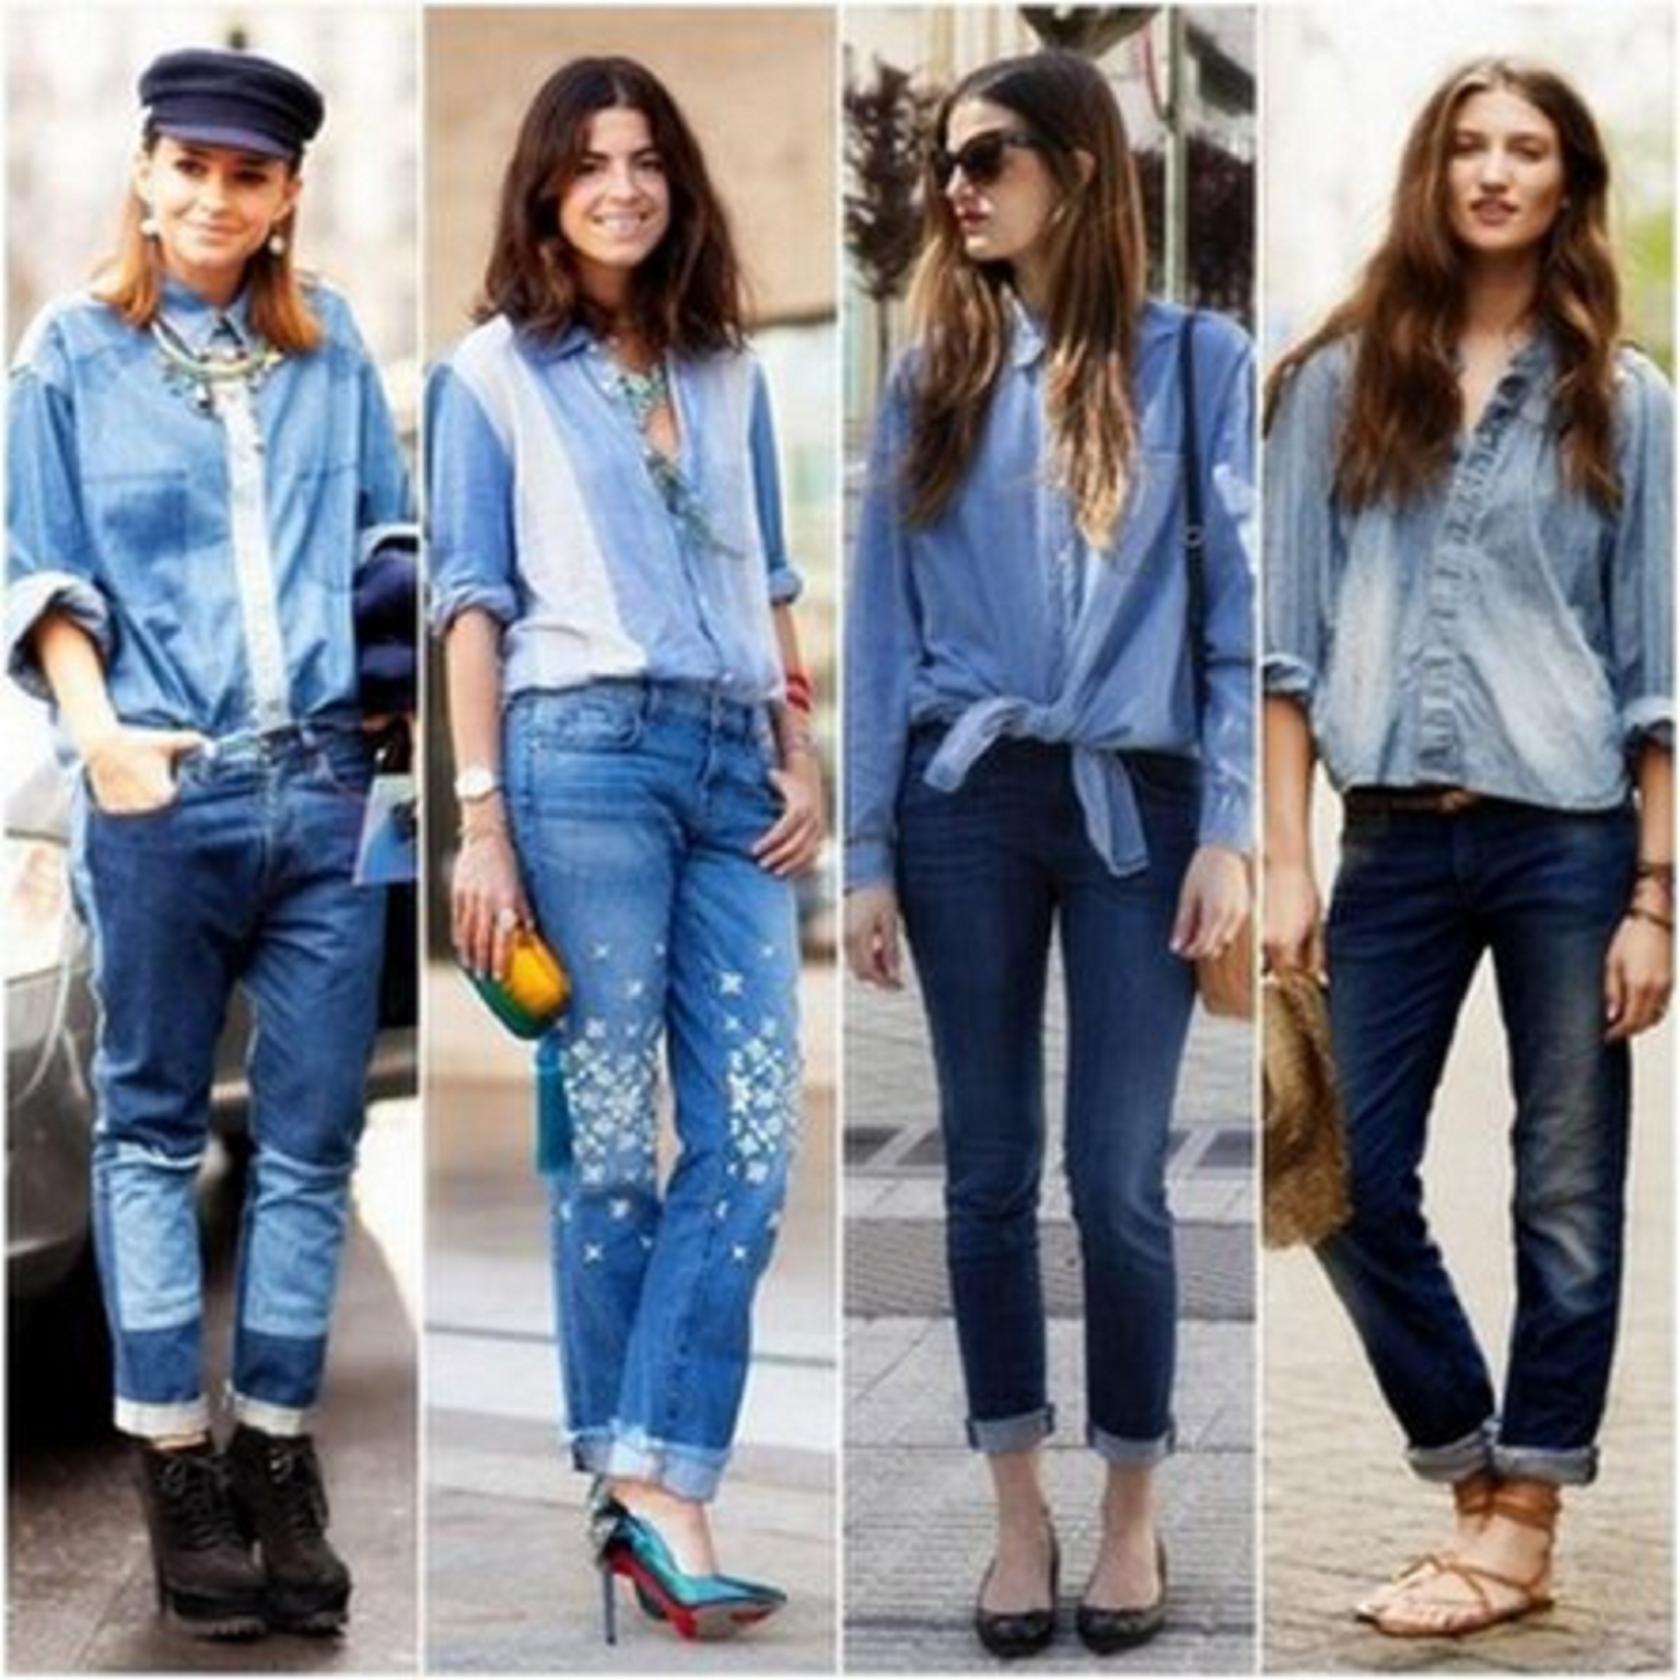 951acbd175f История появления денима и джинсовой ткани История джинсового стиля тесно  переплетена с историей появления первых джинсов и джинсового материала  денима